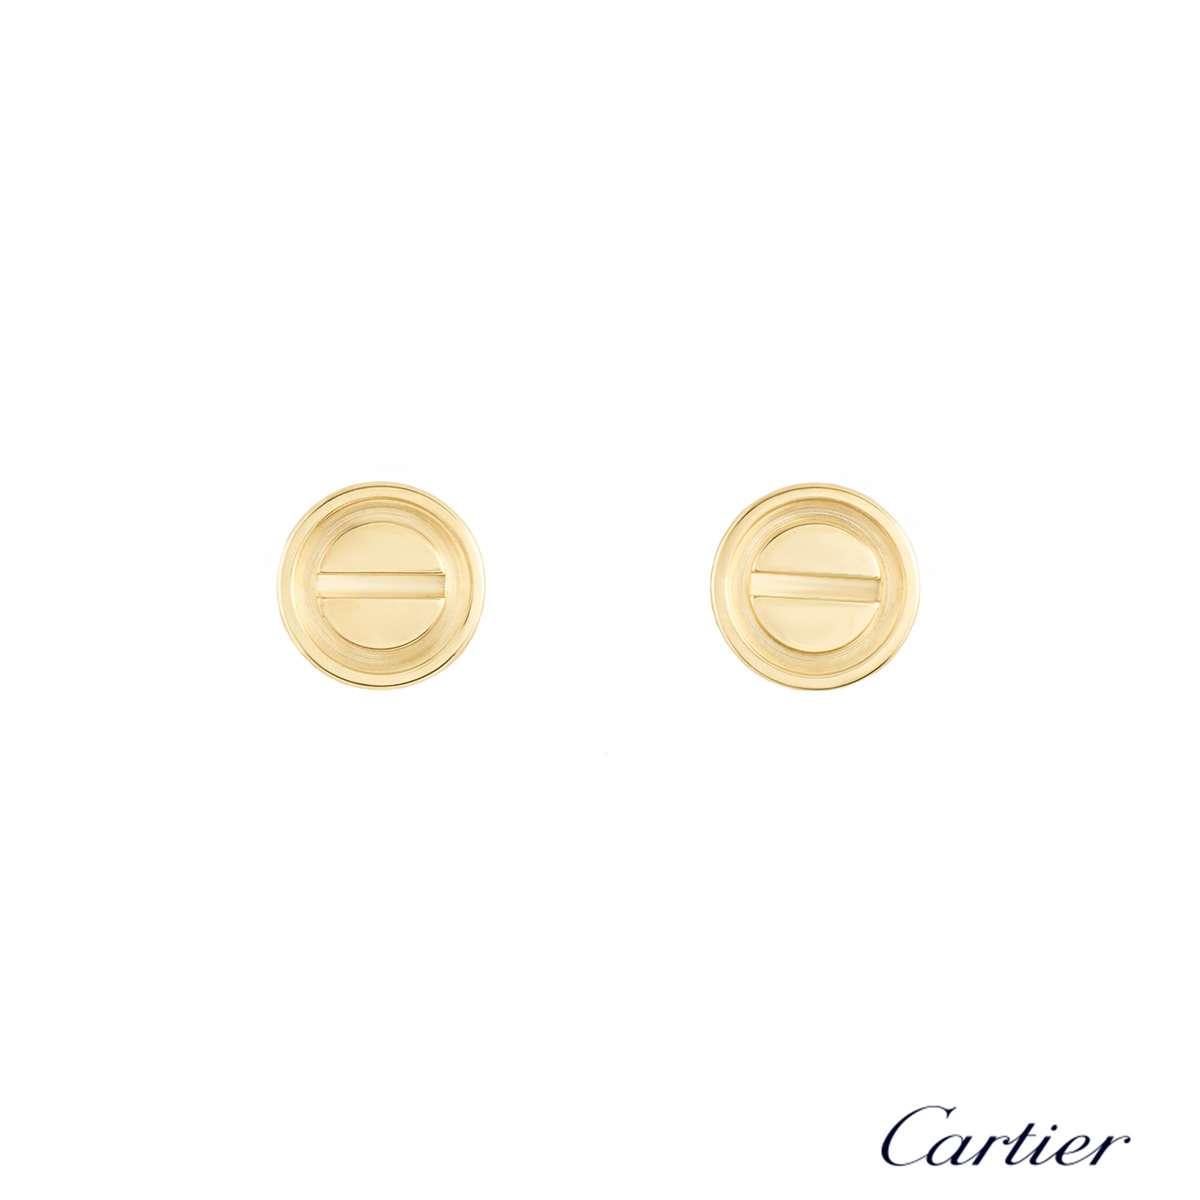 Cartier Love Yellow Gold Studs